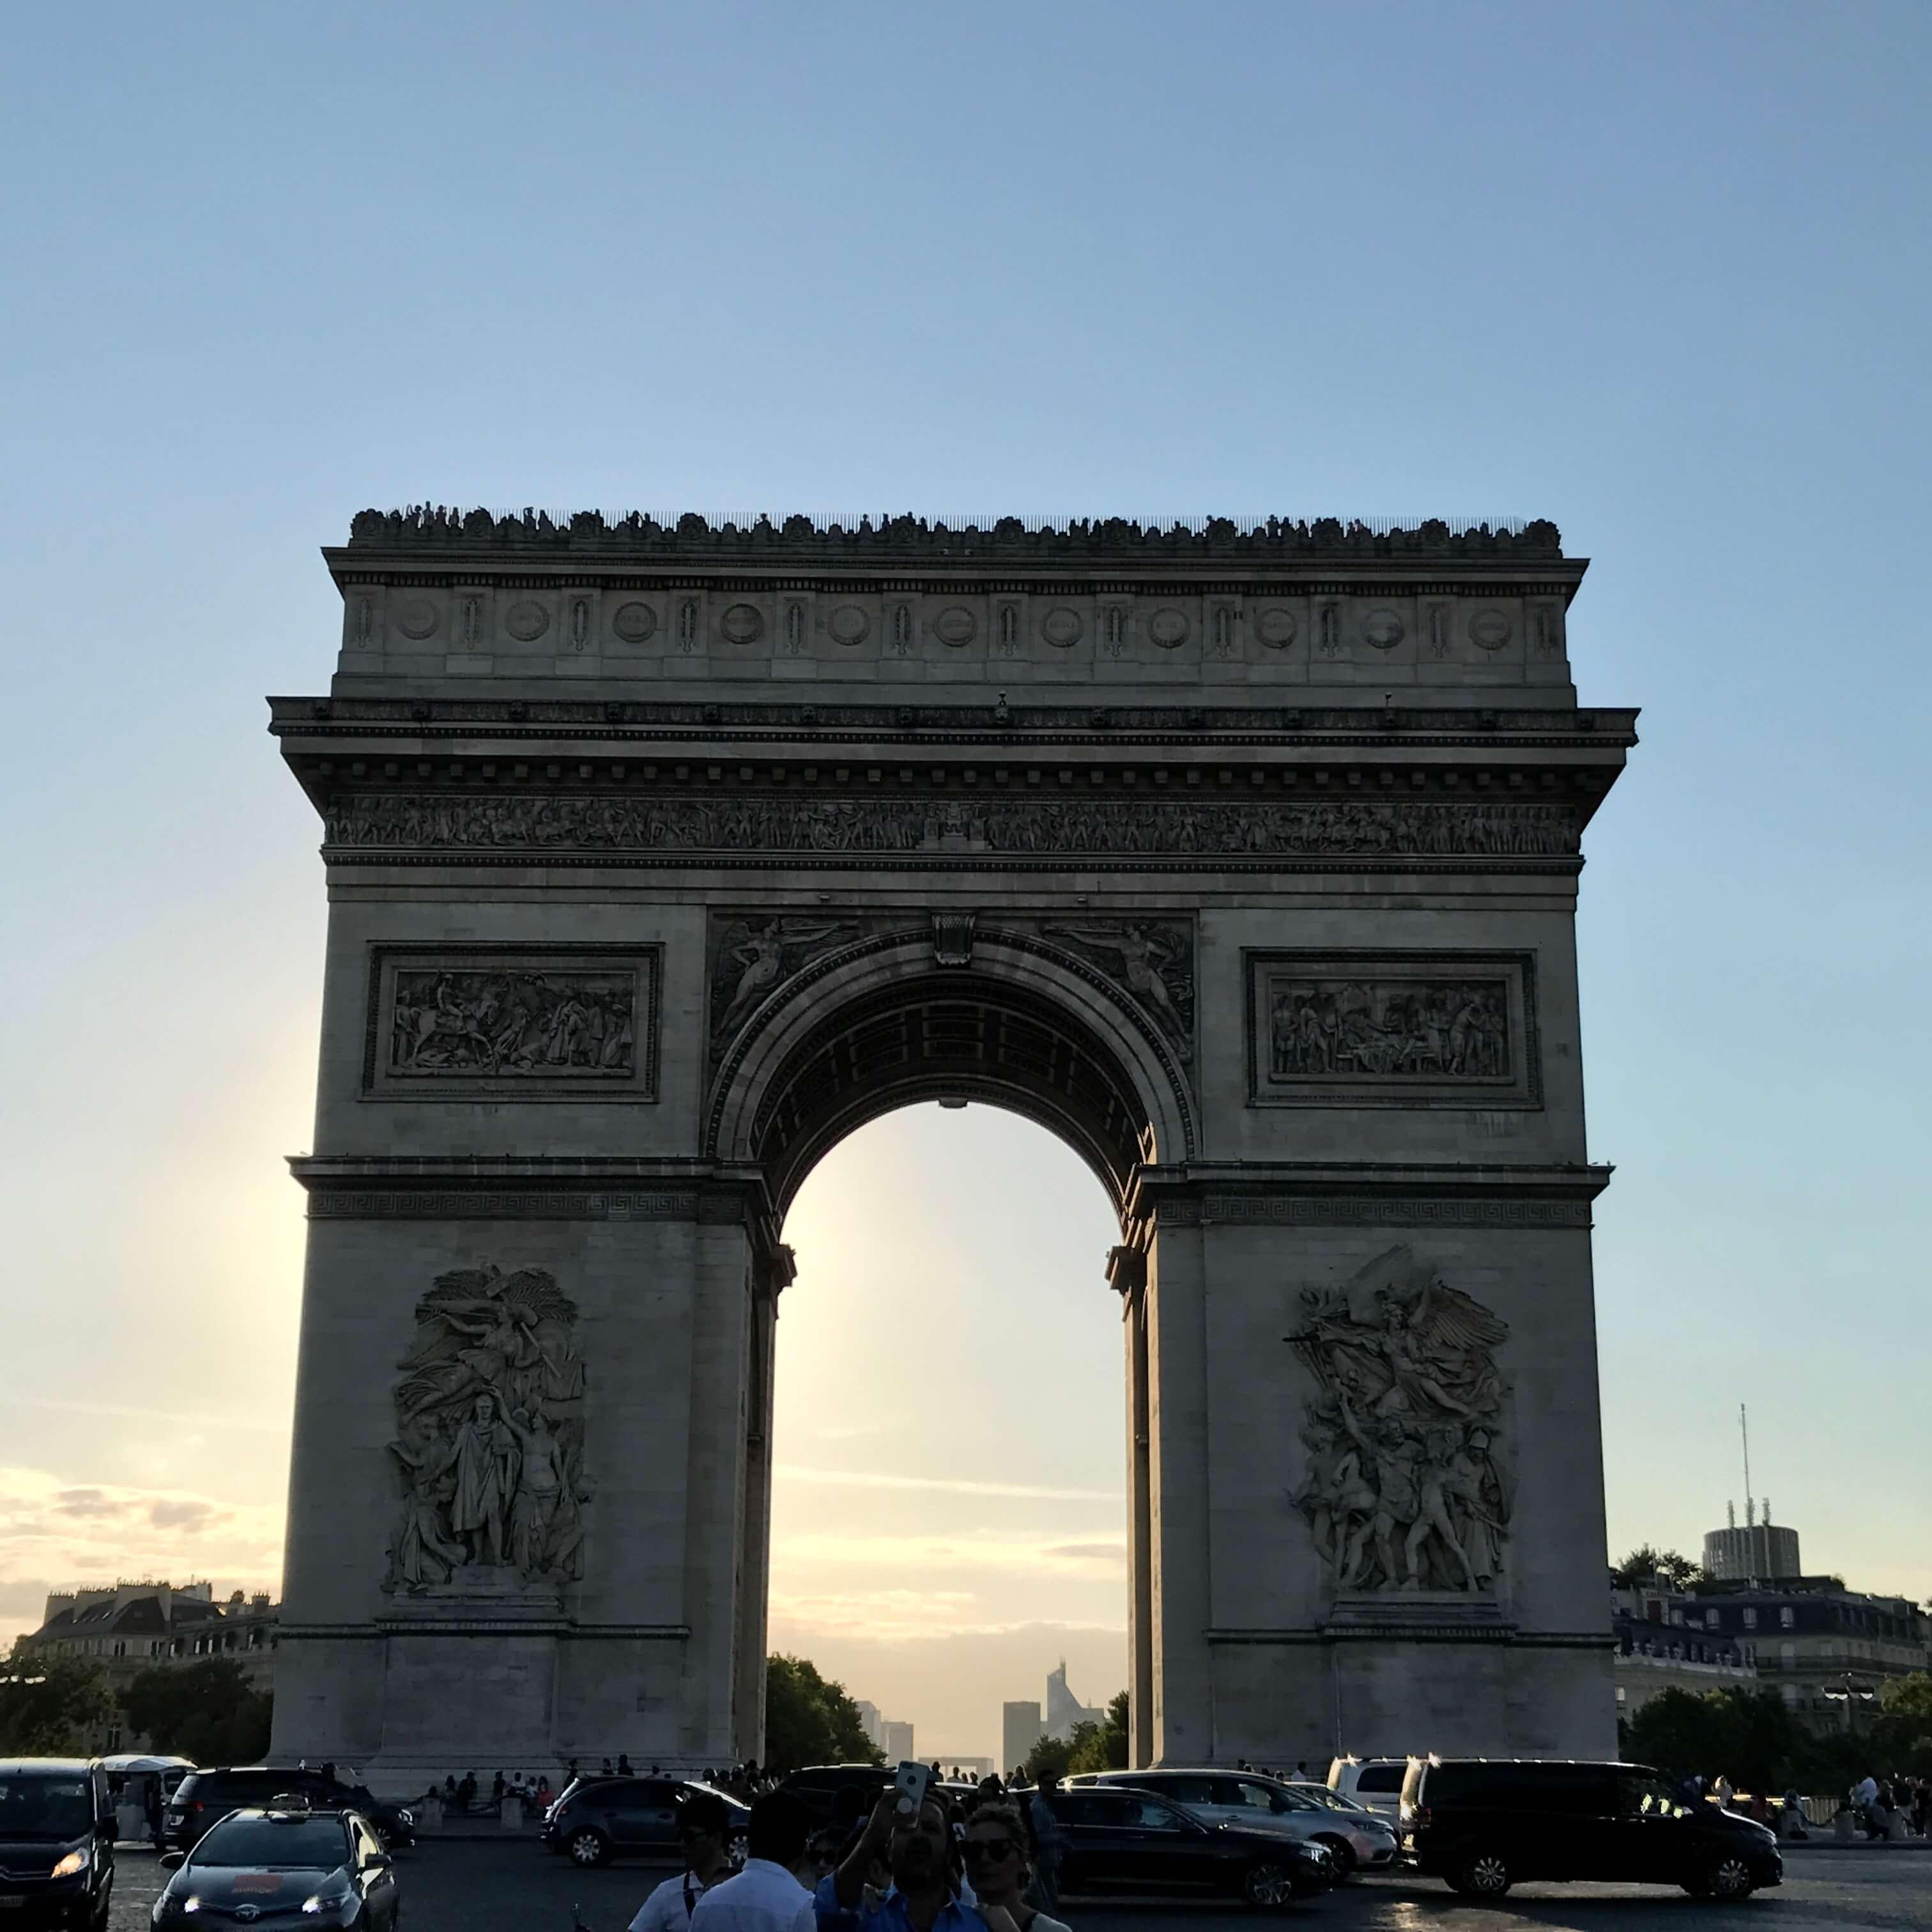 法國巴黎凱旋門 photo by 倍包客